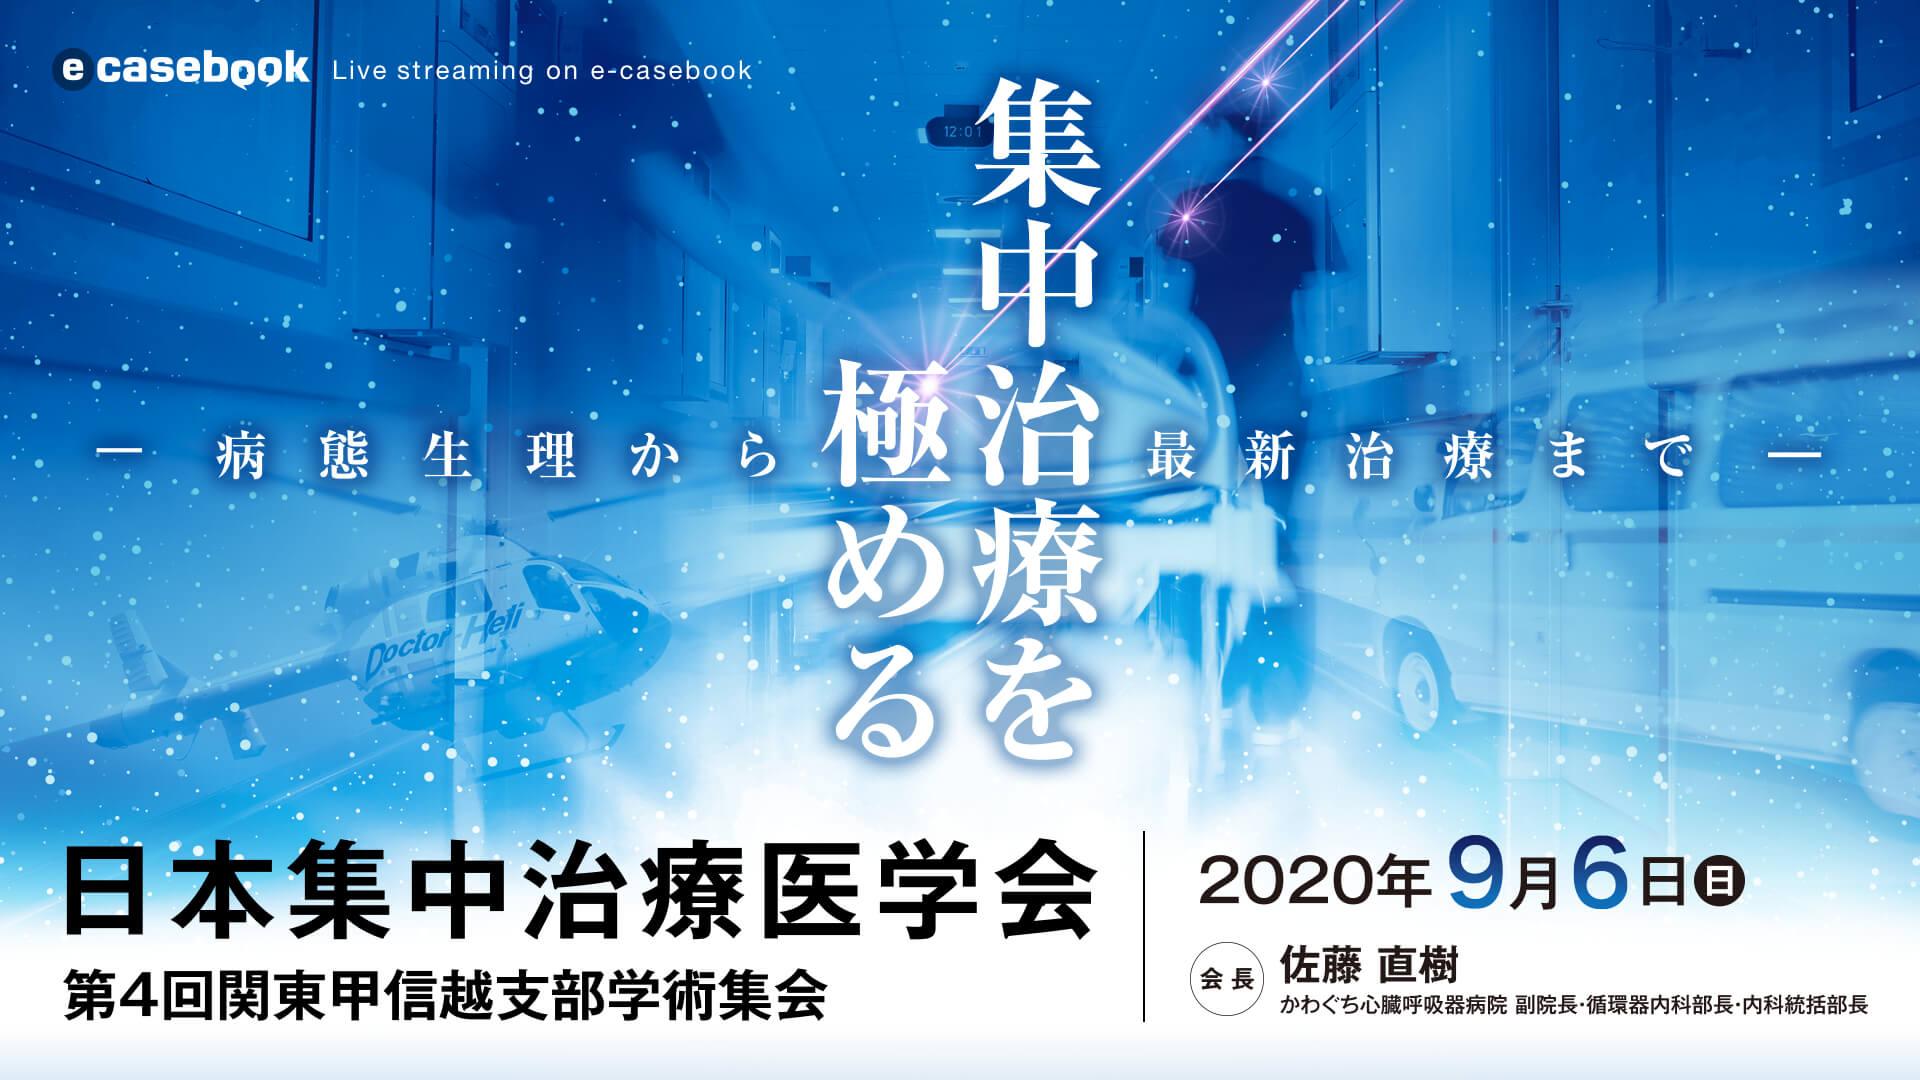 日本集中治療医学会 第4回関東甲信越支部学術集会